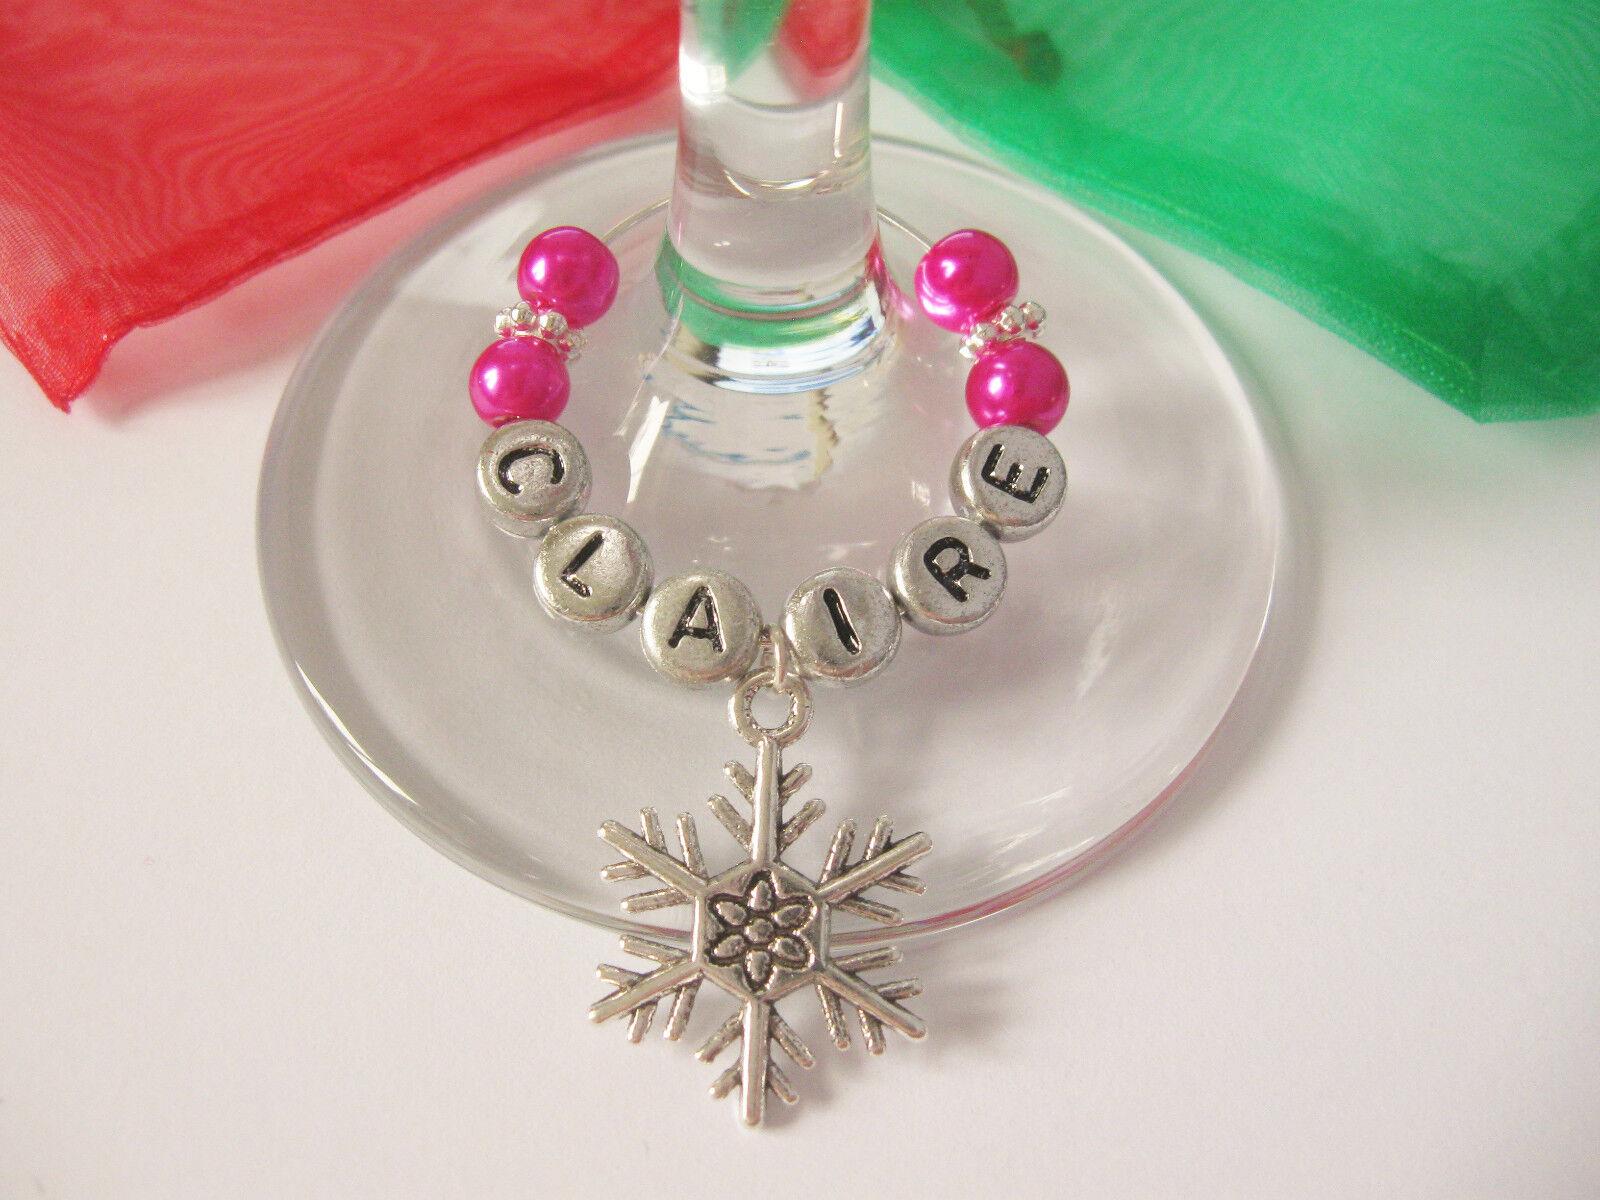 Personnalisé Noël Thème Nom Verre à vin-Décoration de Table-Free Table-Free de p&p 0ddba7